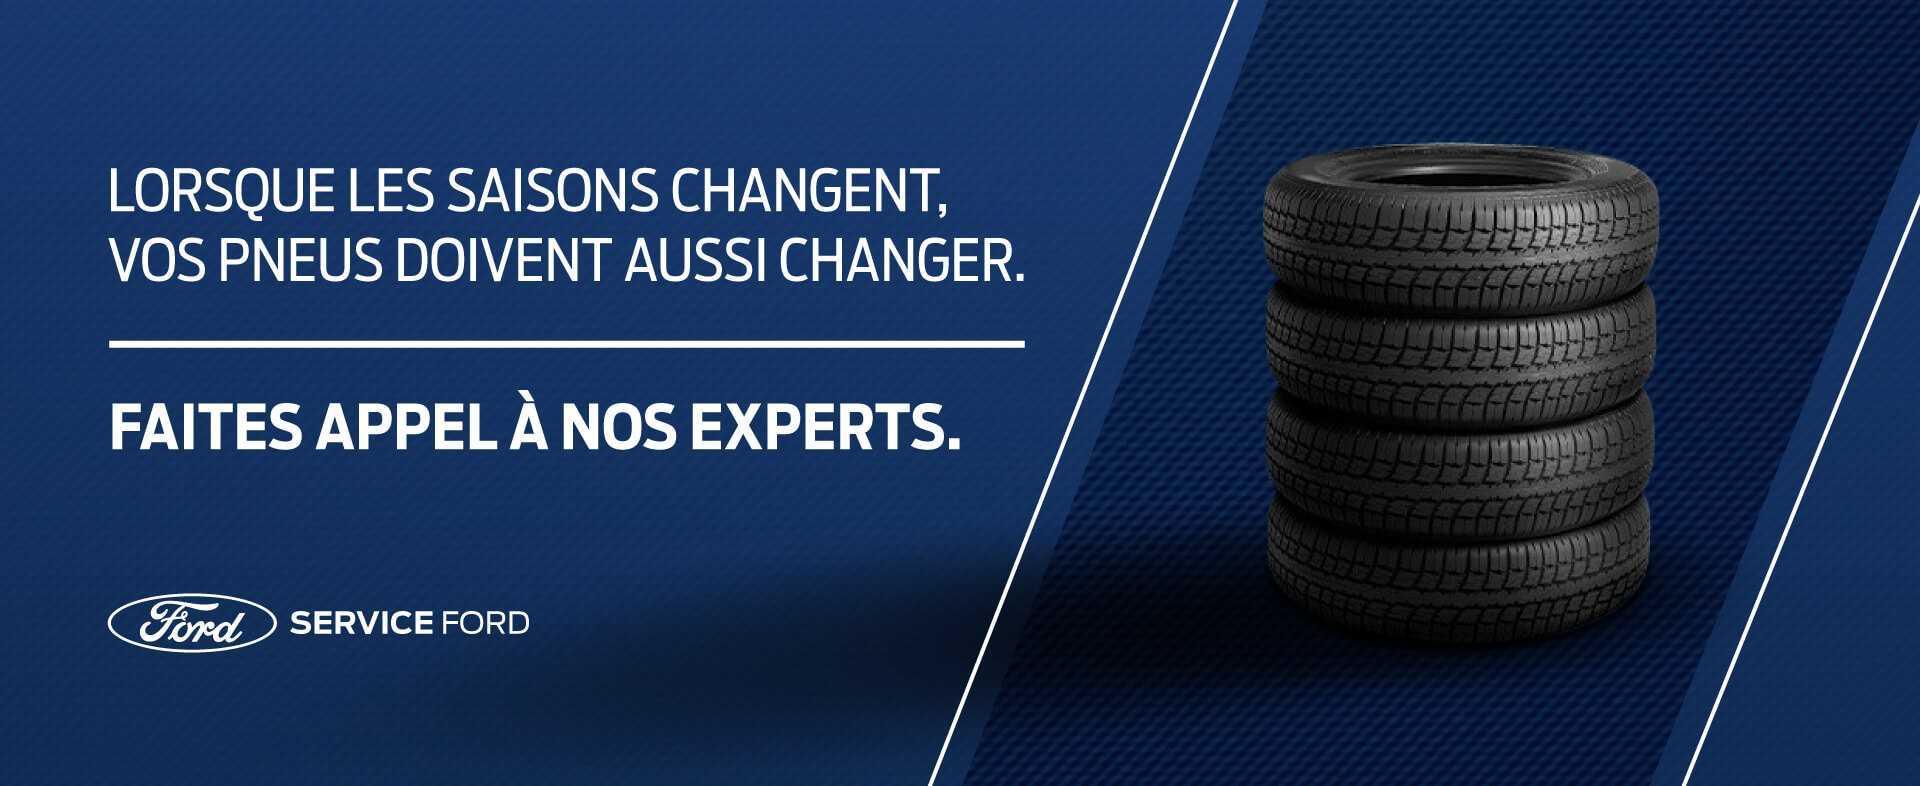 Lorsque les saisons changent, vos pneus doivent aussi changer. Faites appel à nos experts.